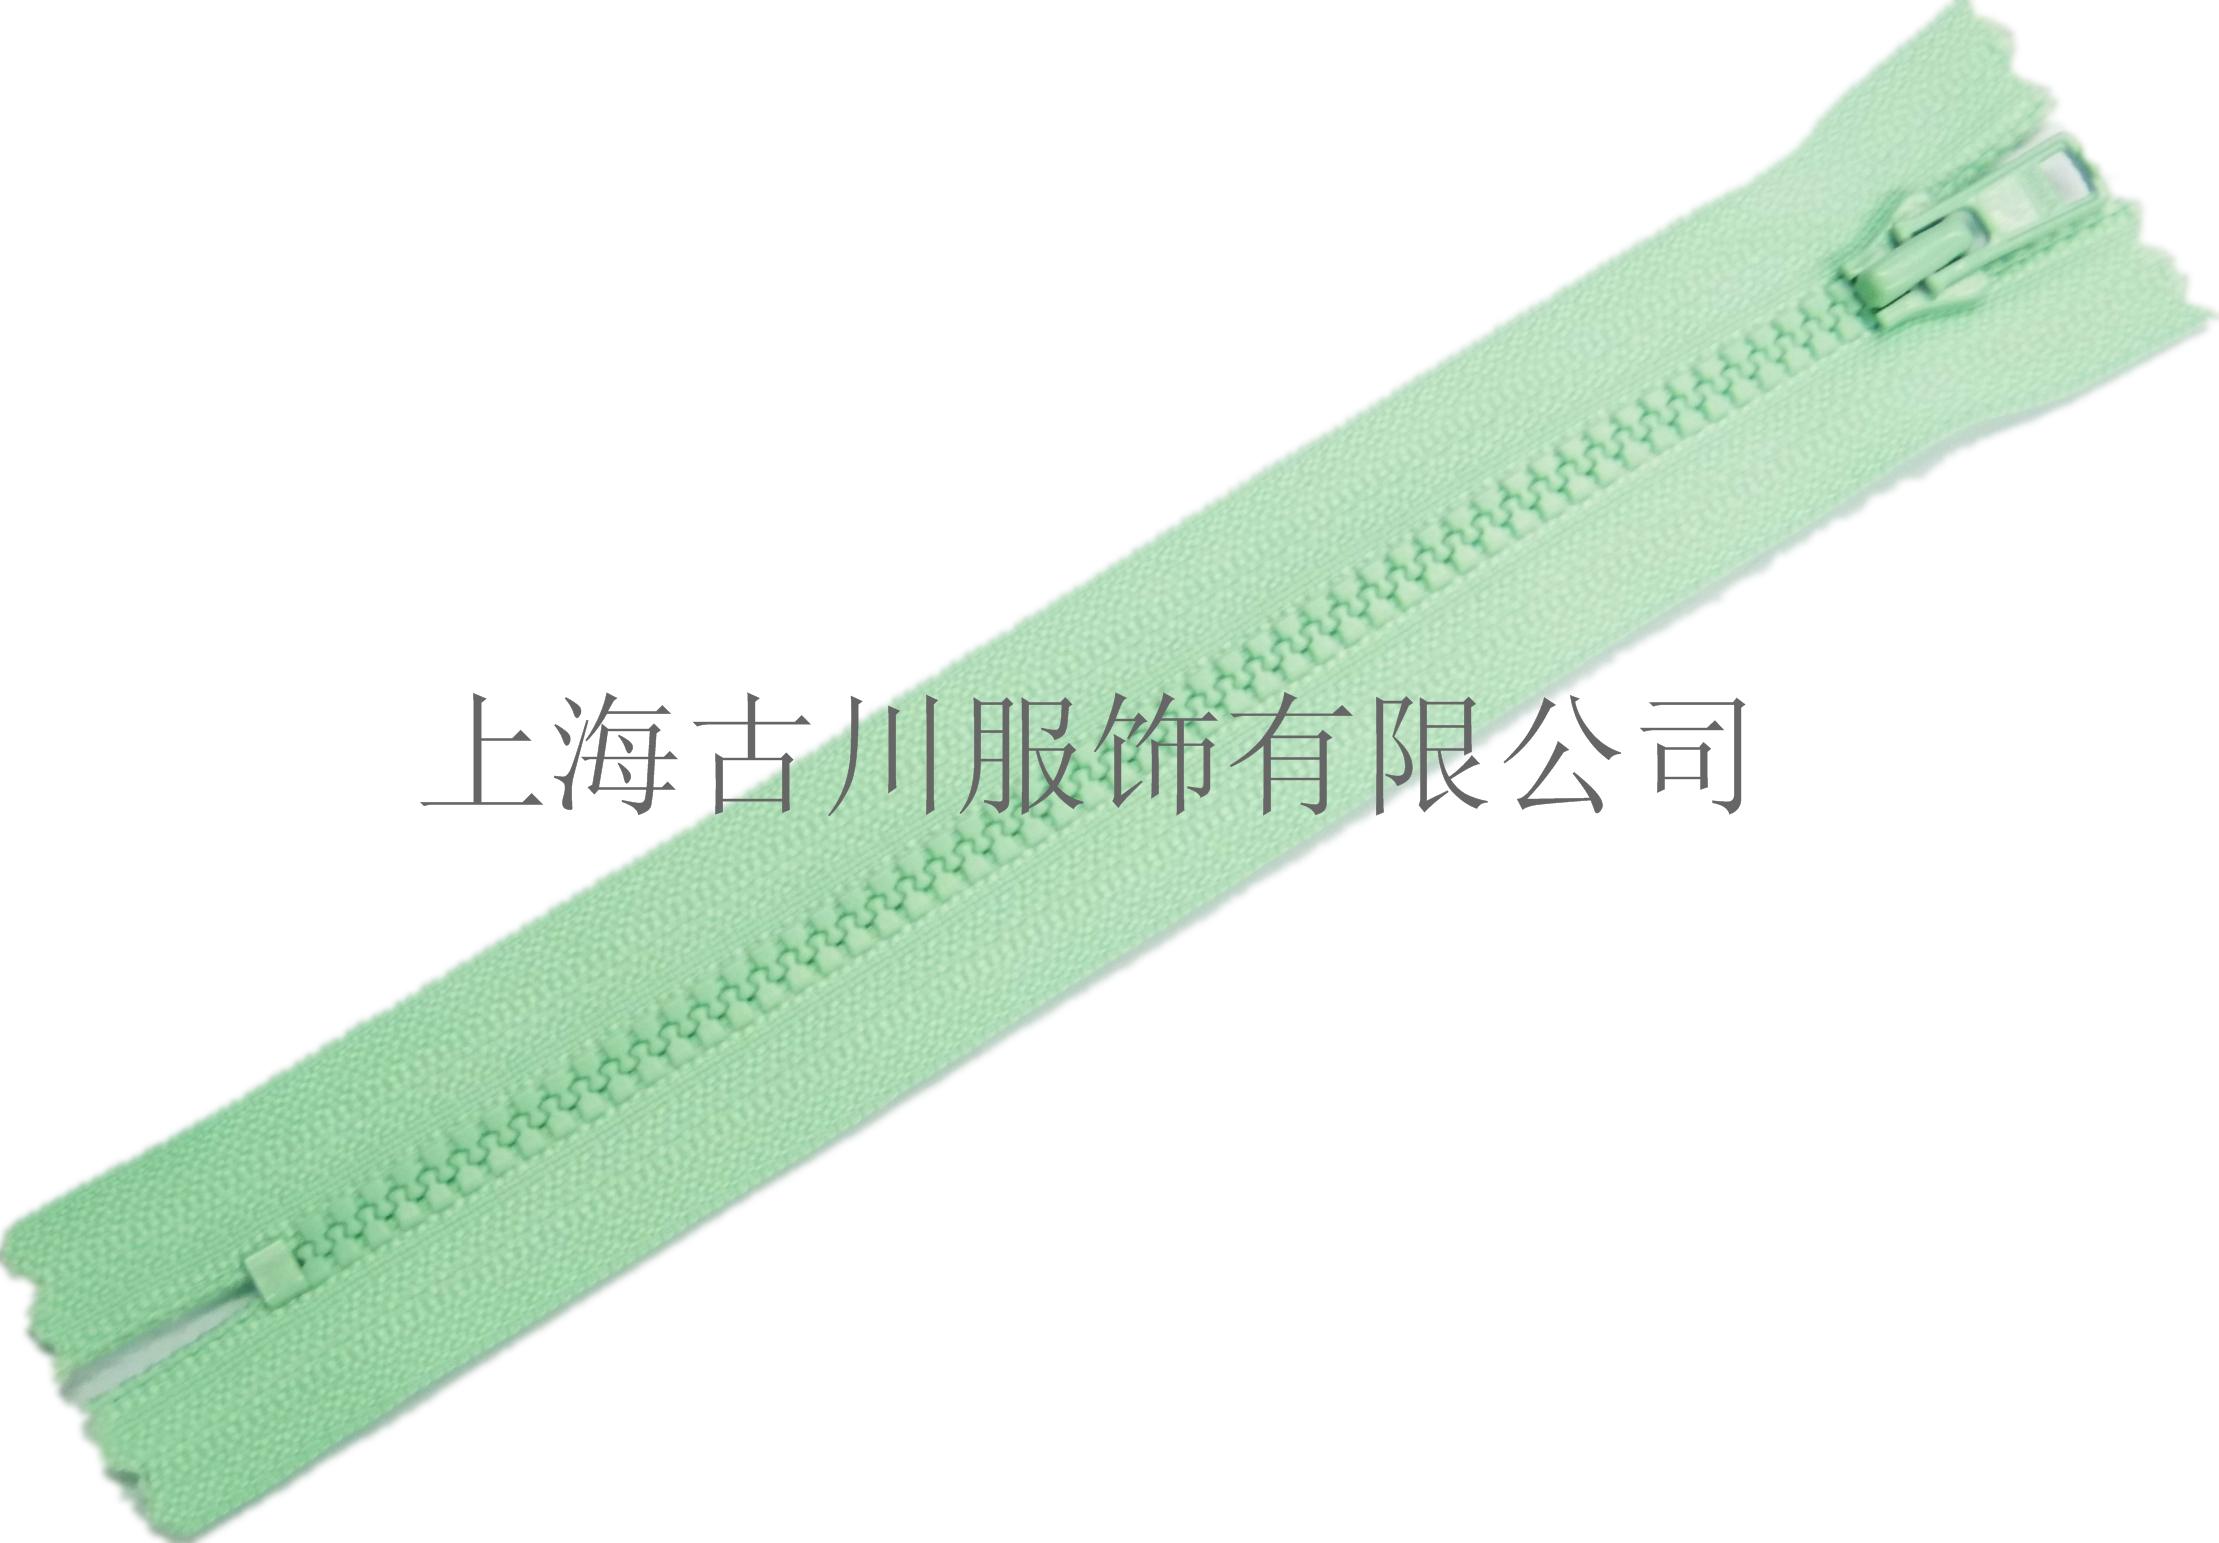 广东汕尾正品YKK拉链树脂拉链批发